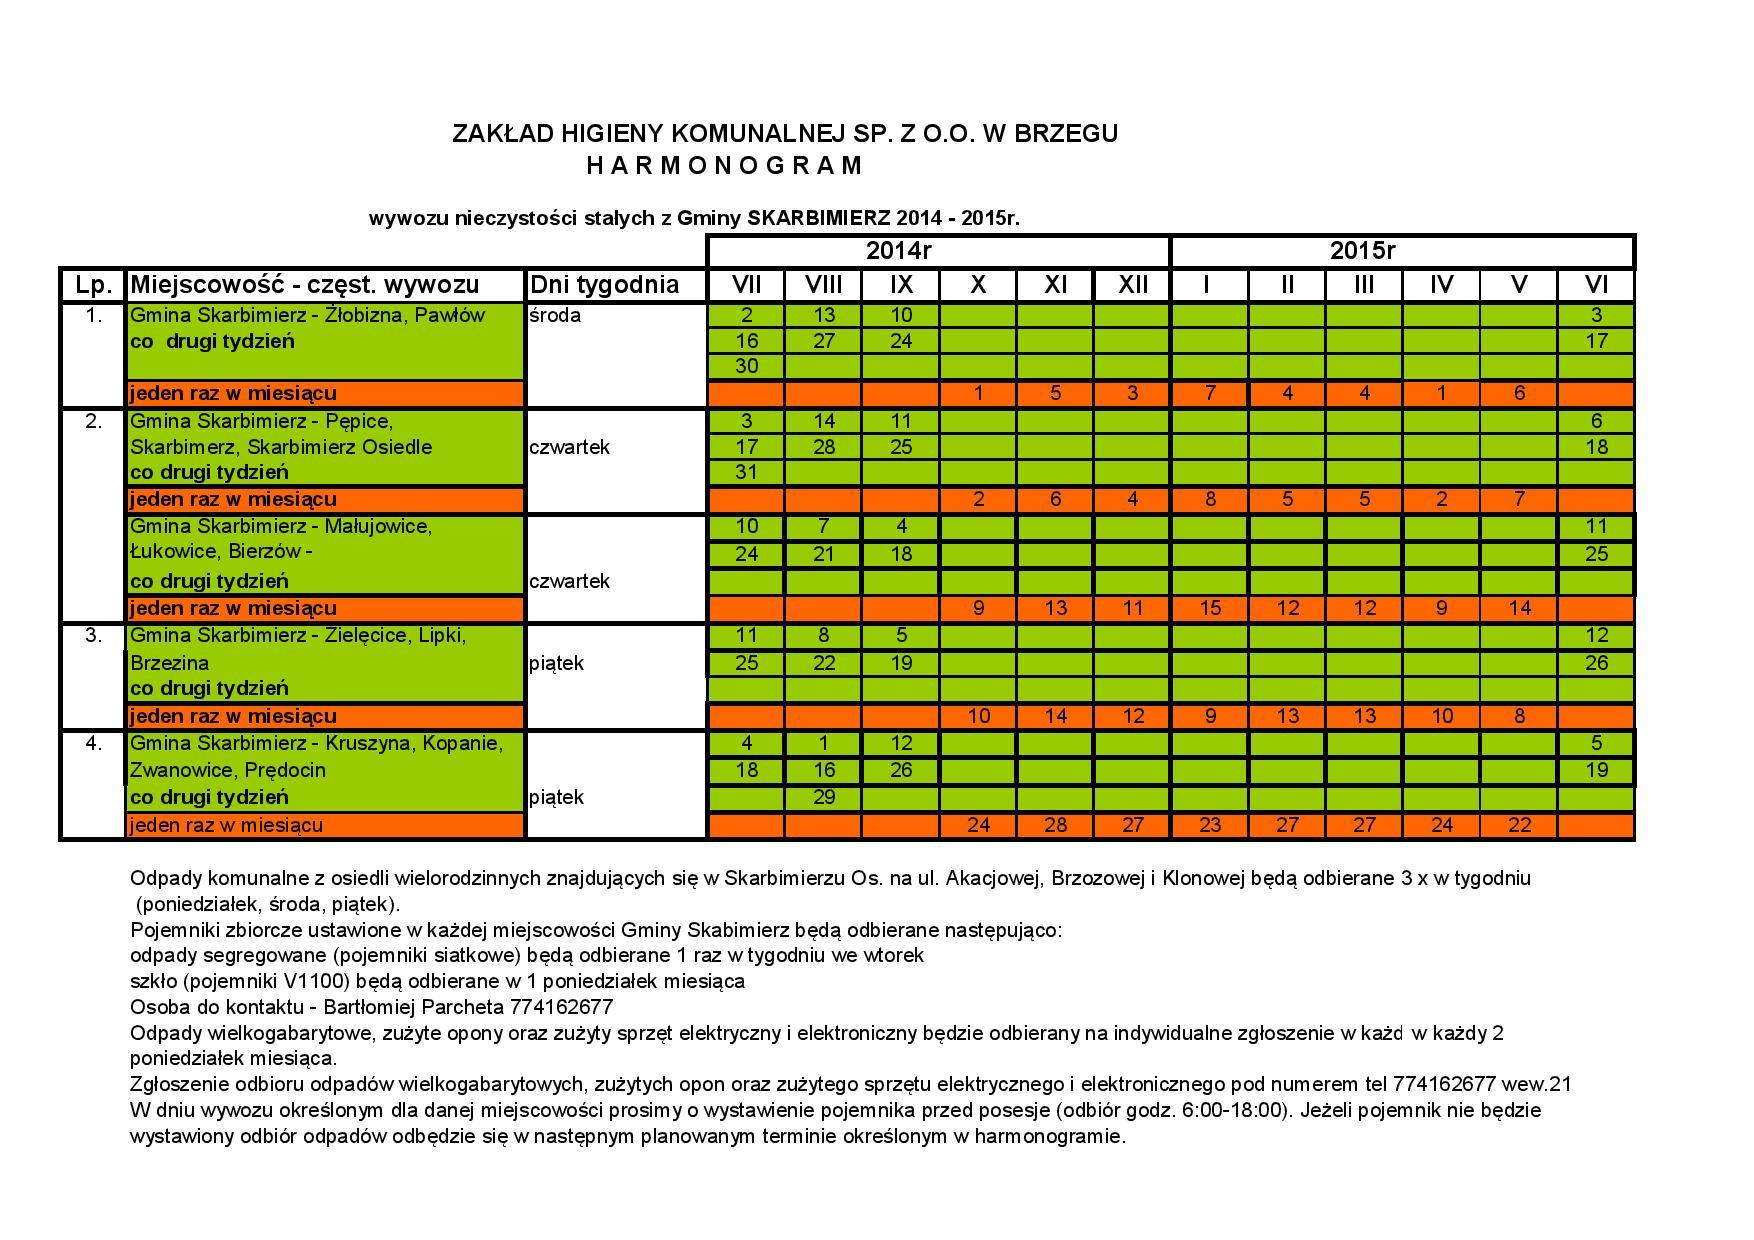 kopia harmonogram  wywozu z g. skarbimierz 2014 - 2015 (1)-page-001